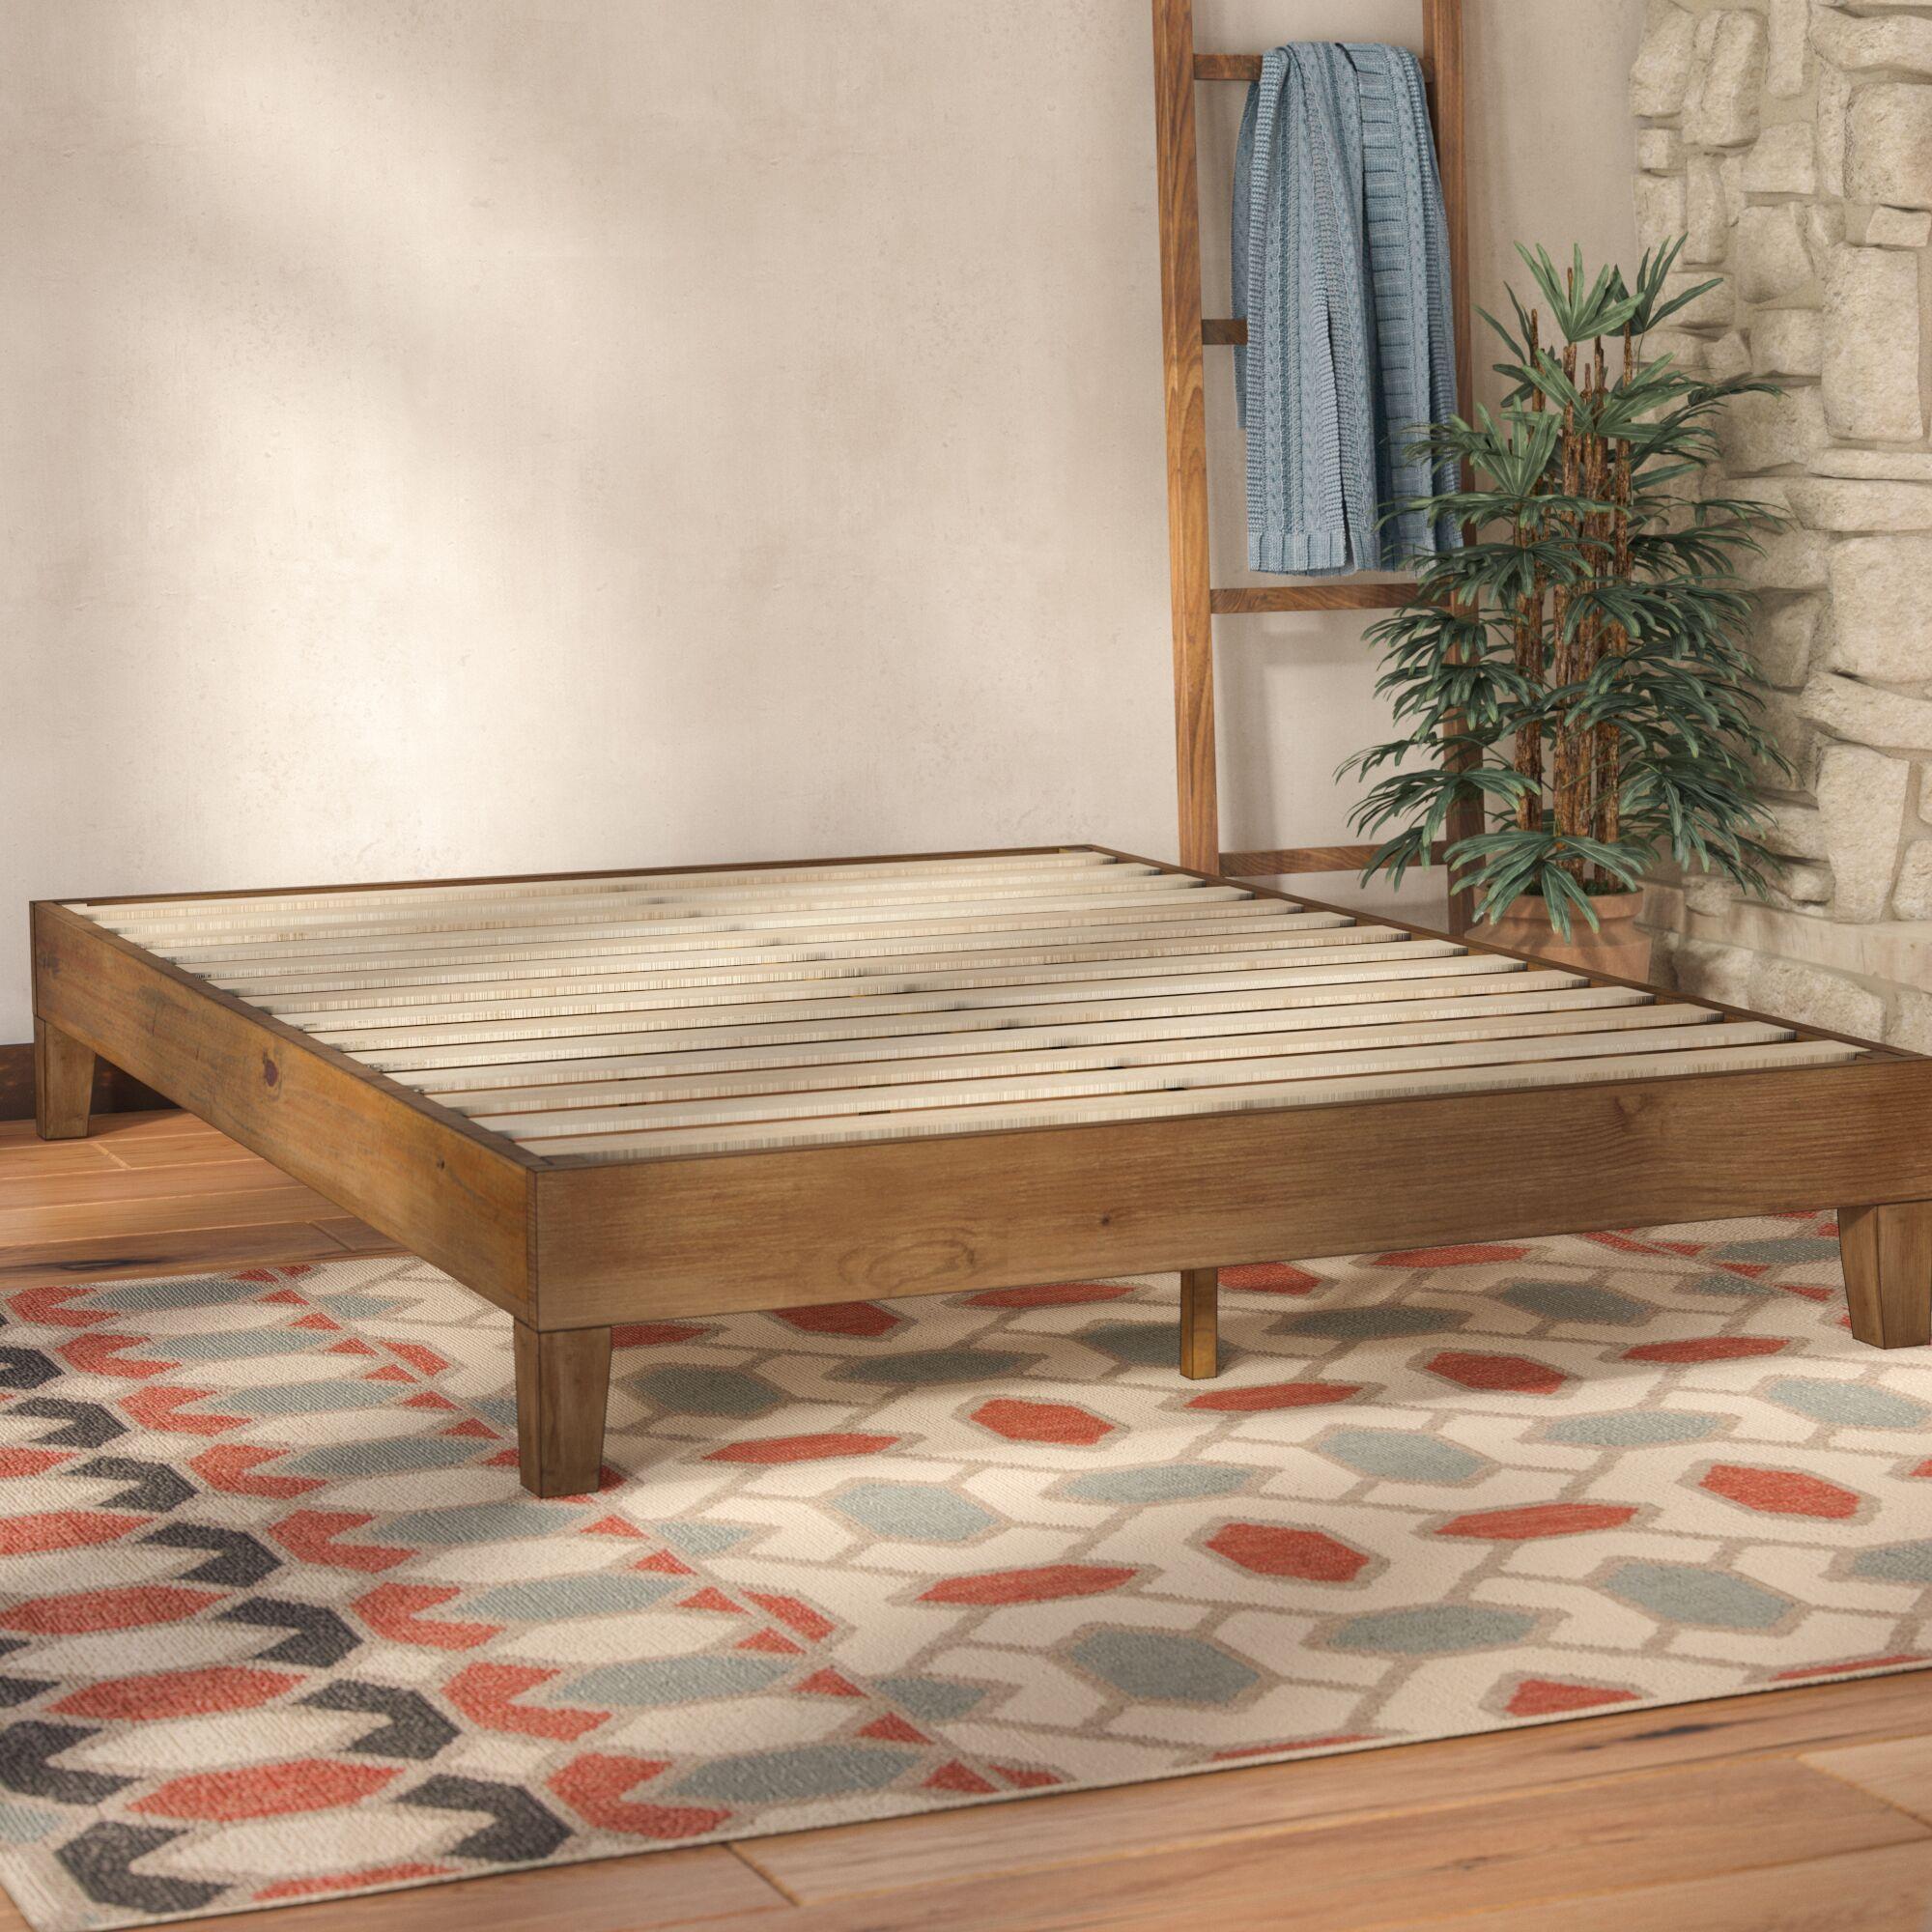 Wood Platform Bed Size: Queen